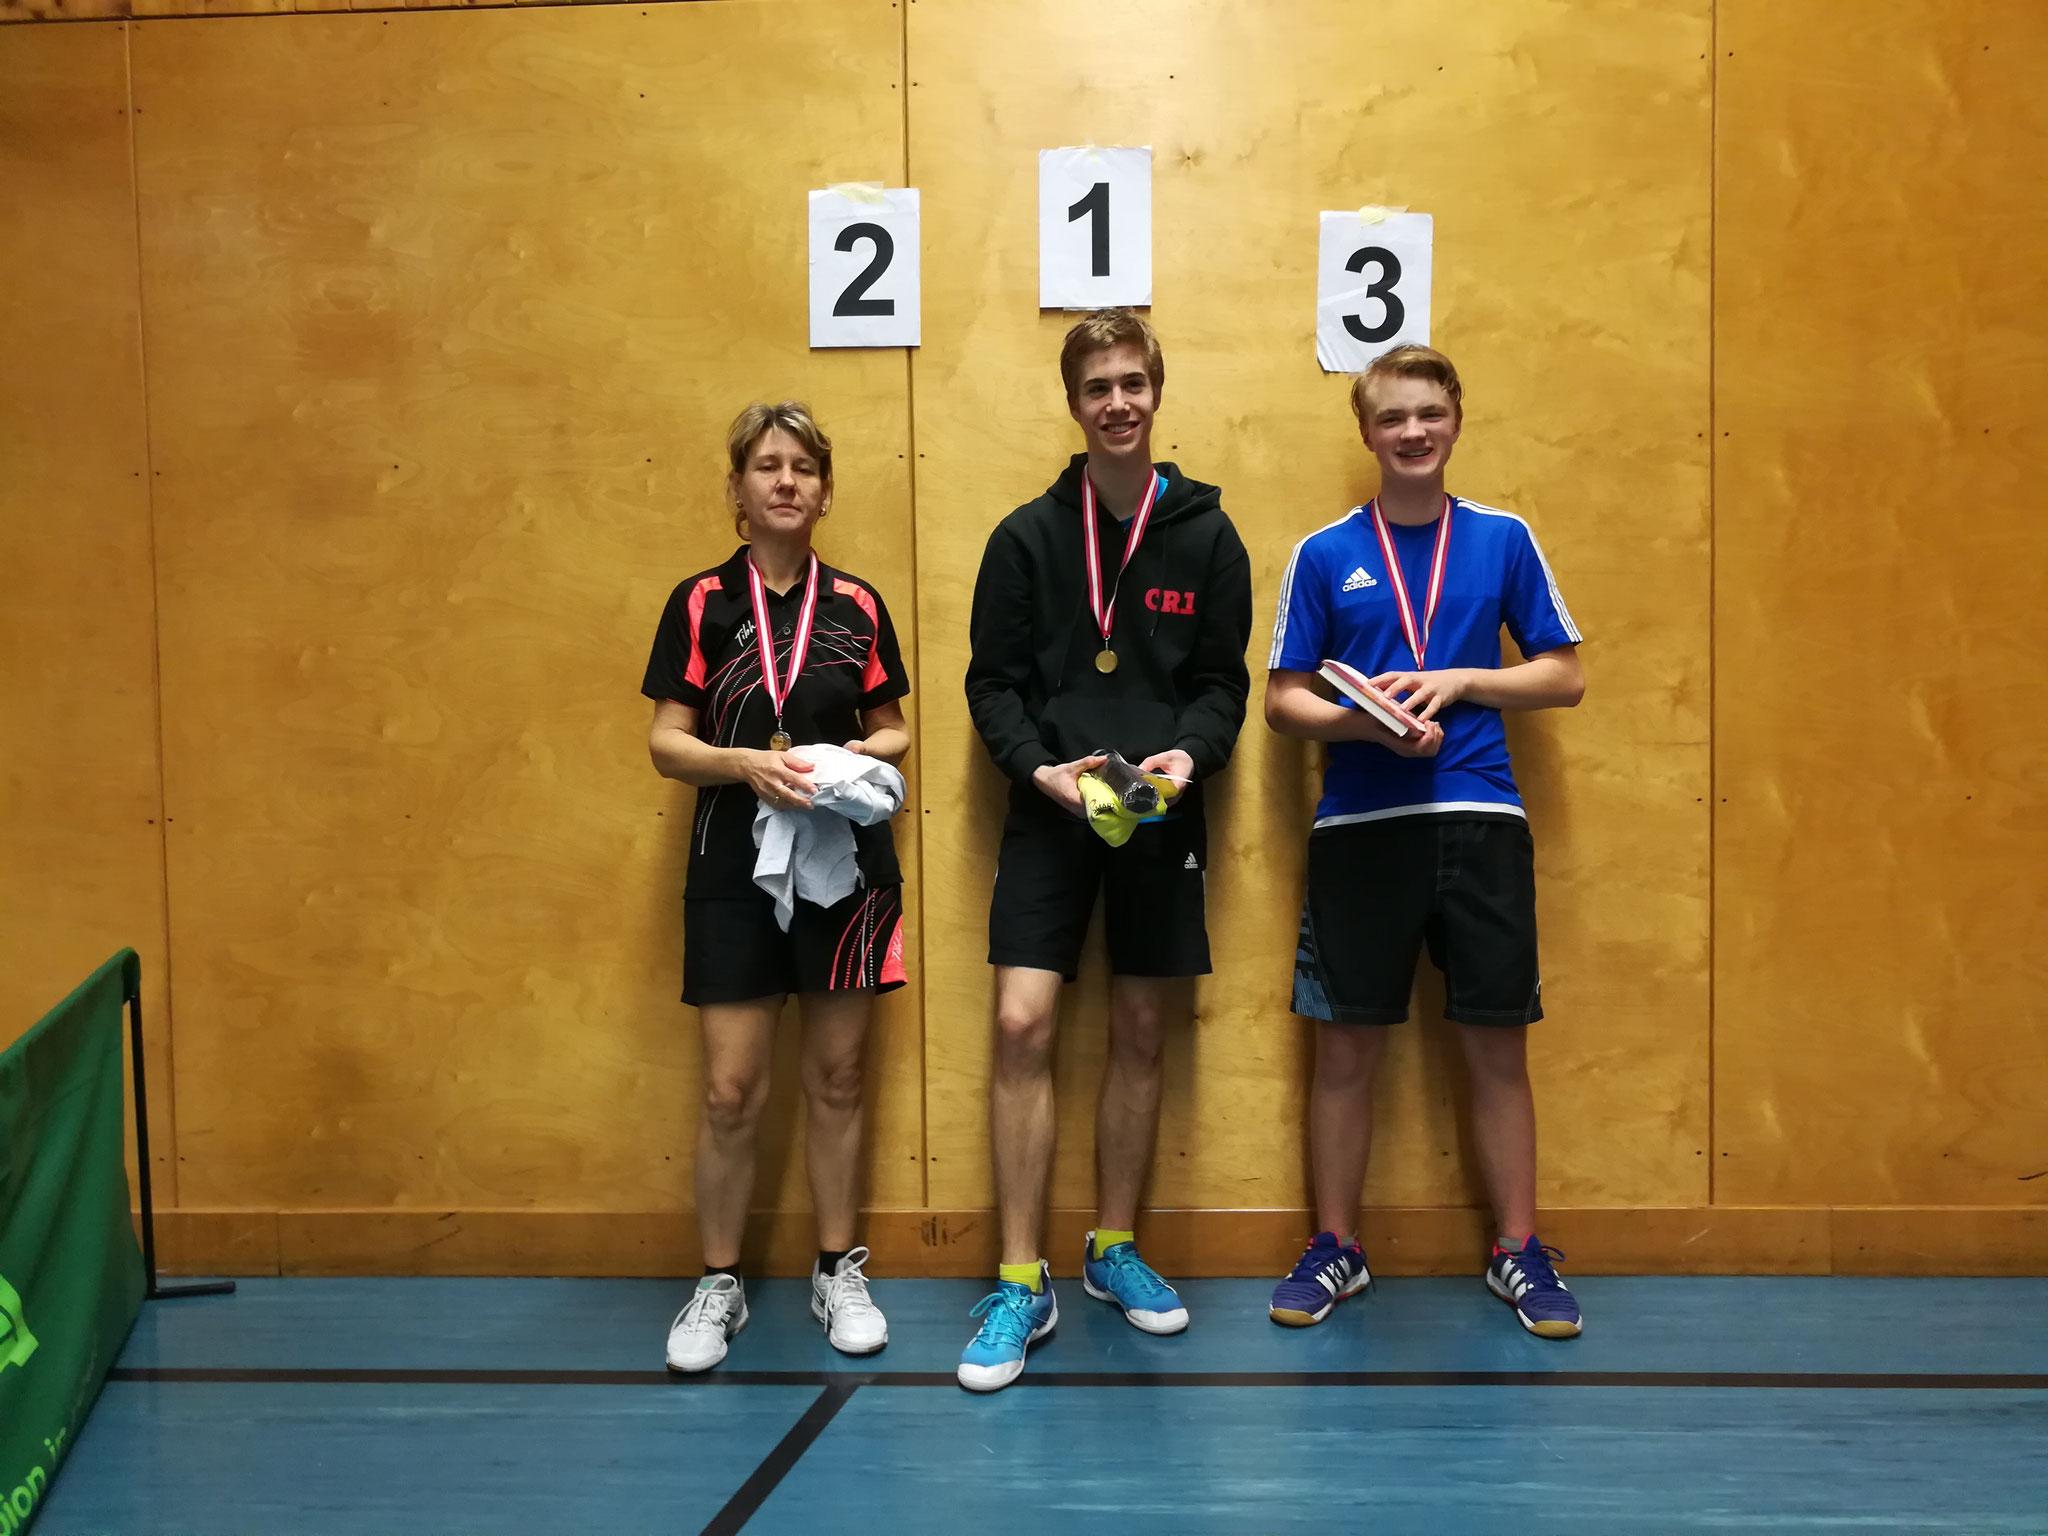 Gesamtsieger Bewerb E: v.l.n.r. Jutta Riha-Aigner (Hobby) (Platz 2), Christian Ritter (NFS) (Sieger), Lukas Schwarzinger (OLY) (Platz 3)